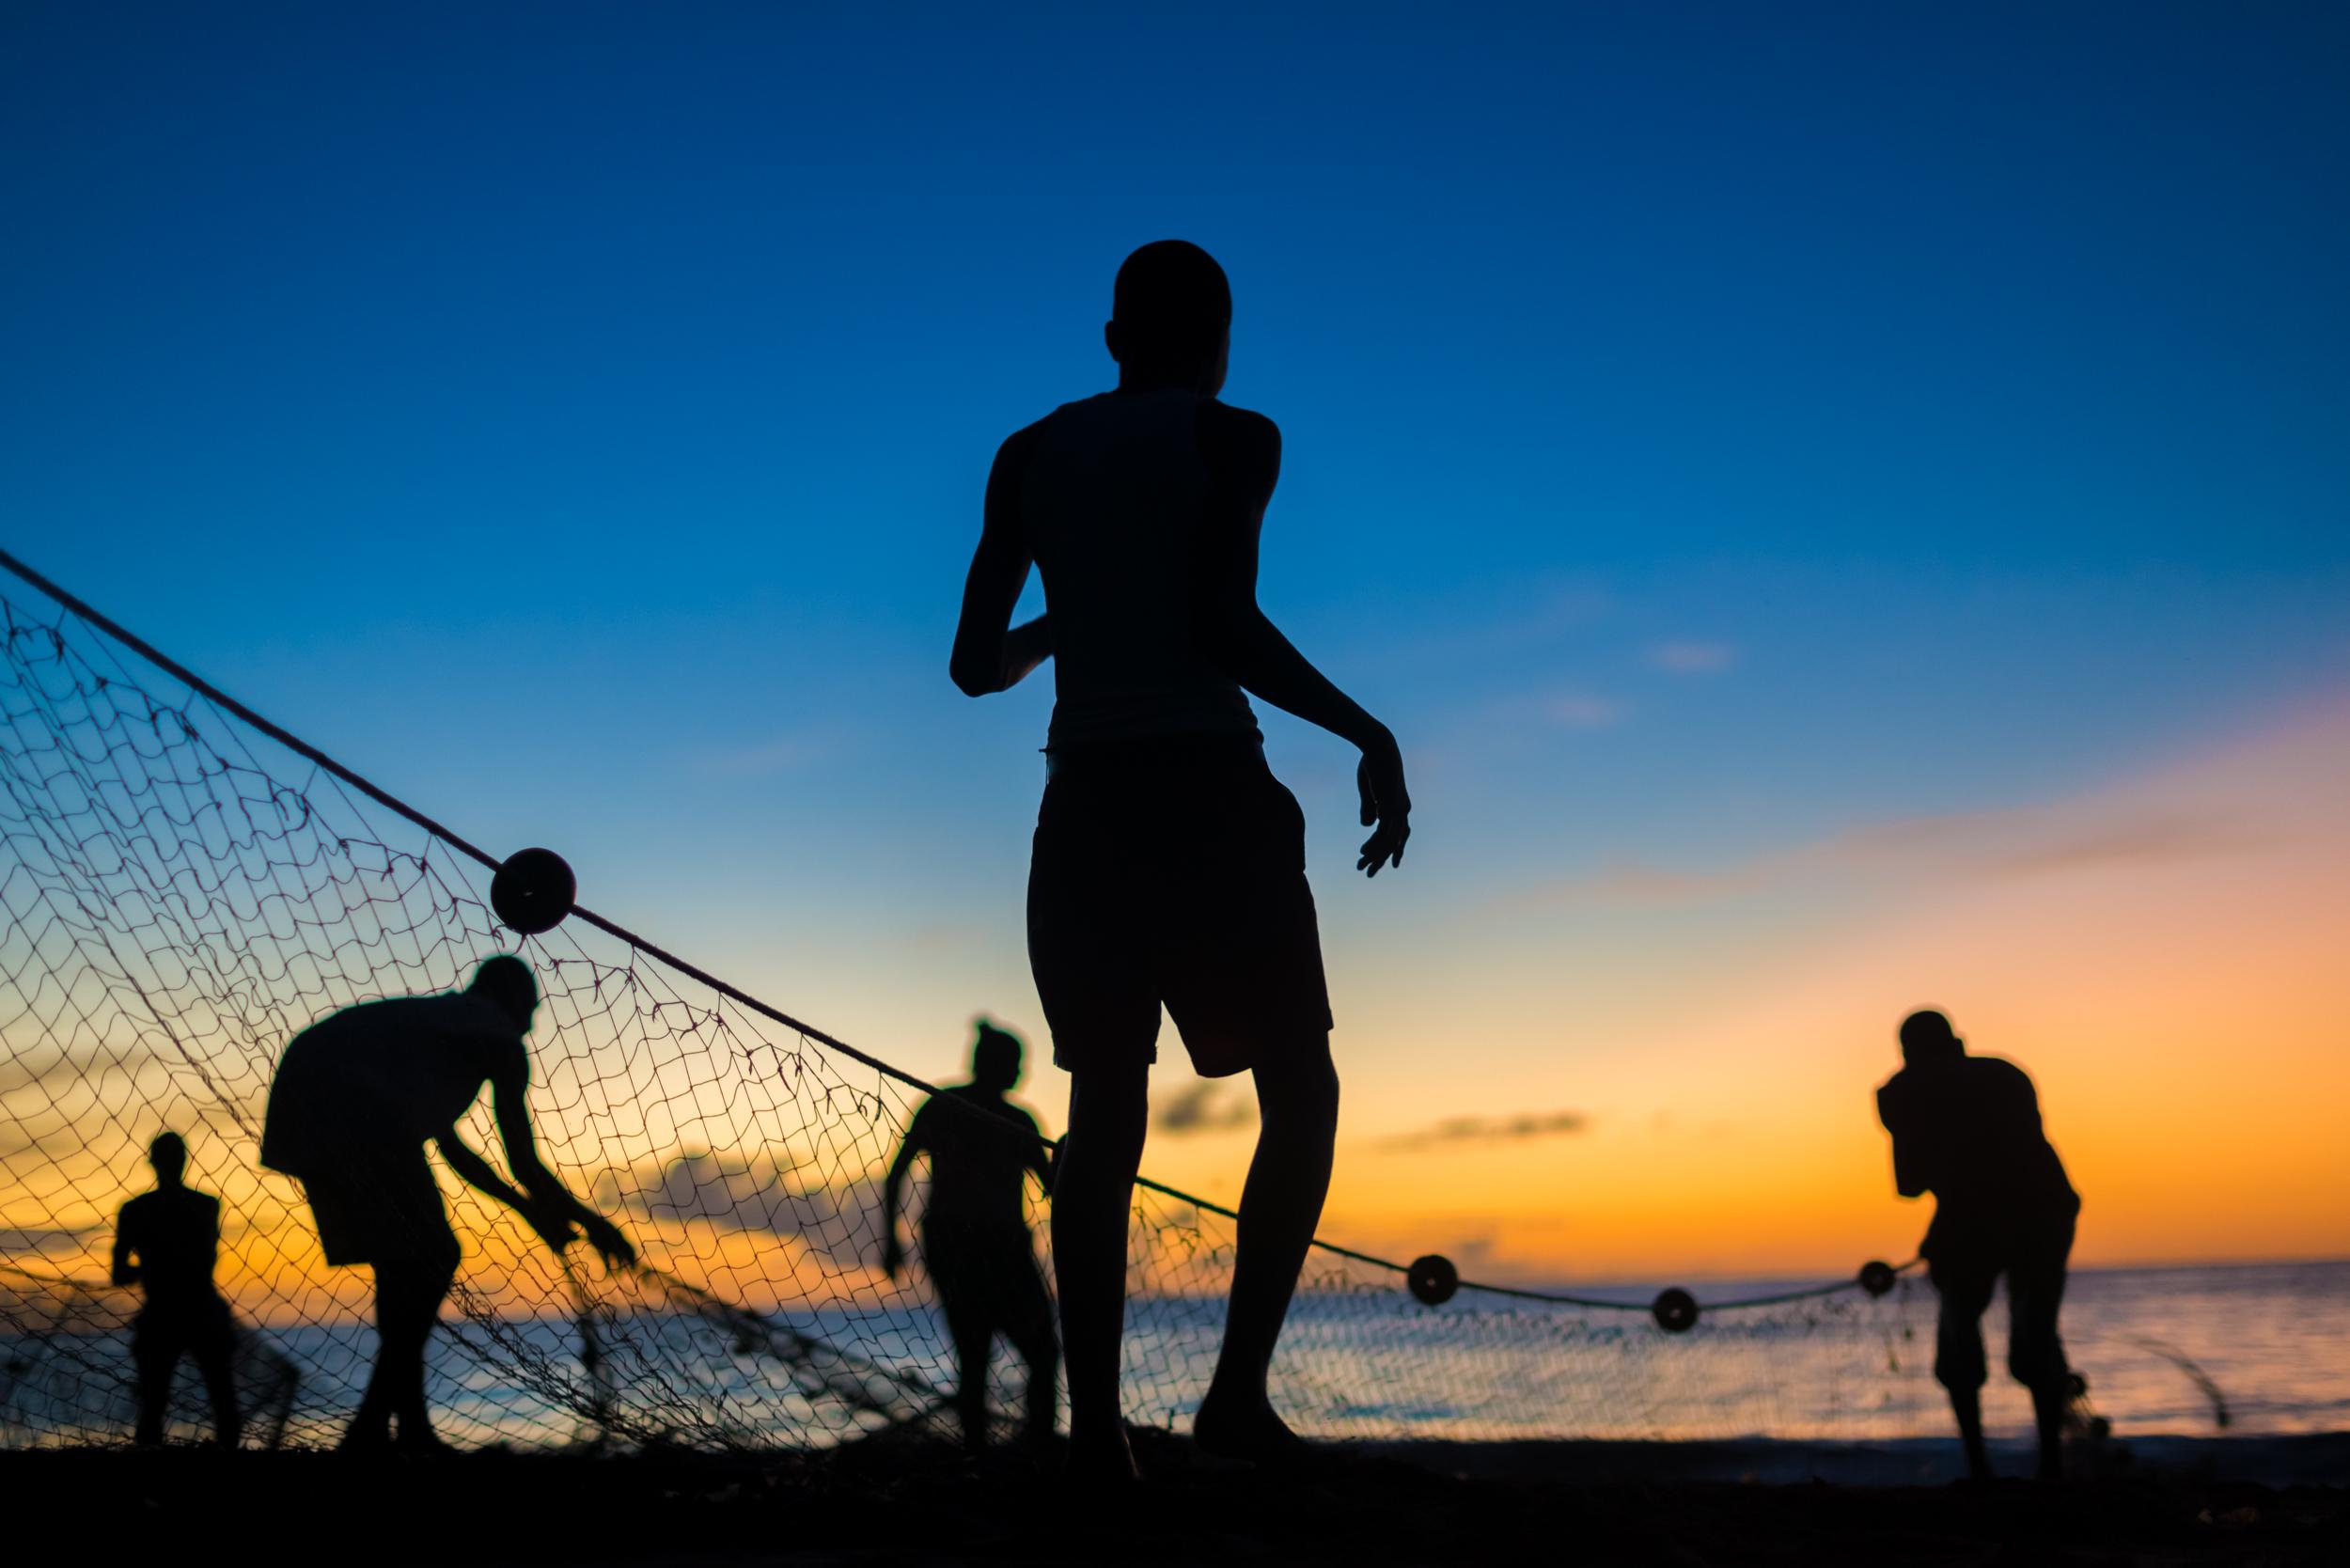 Seine fishermen, Tobago